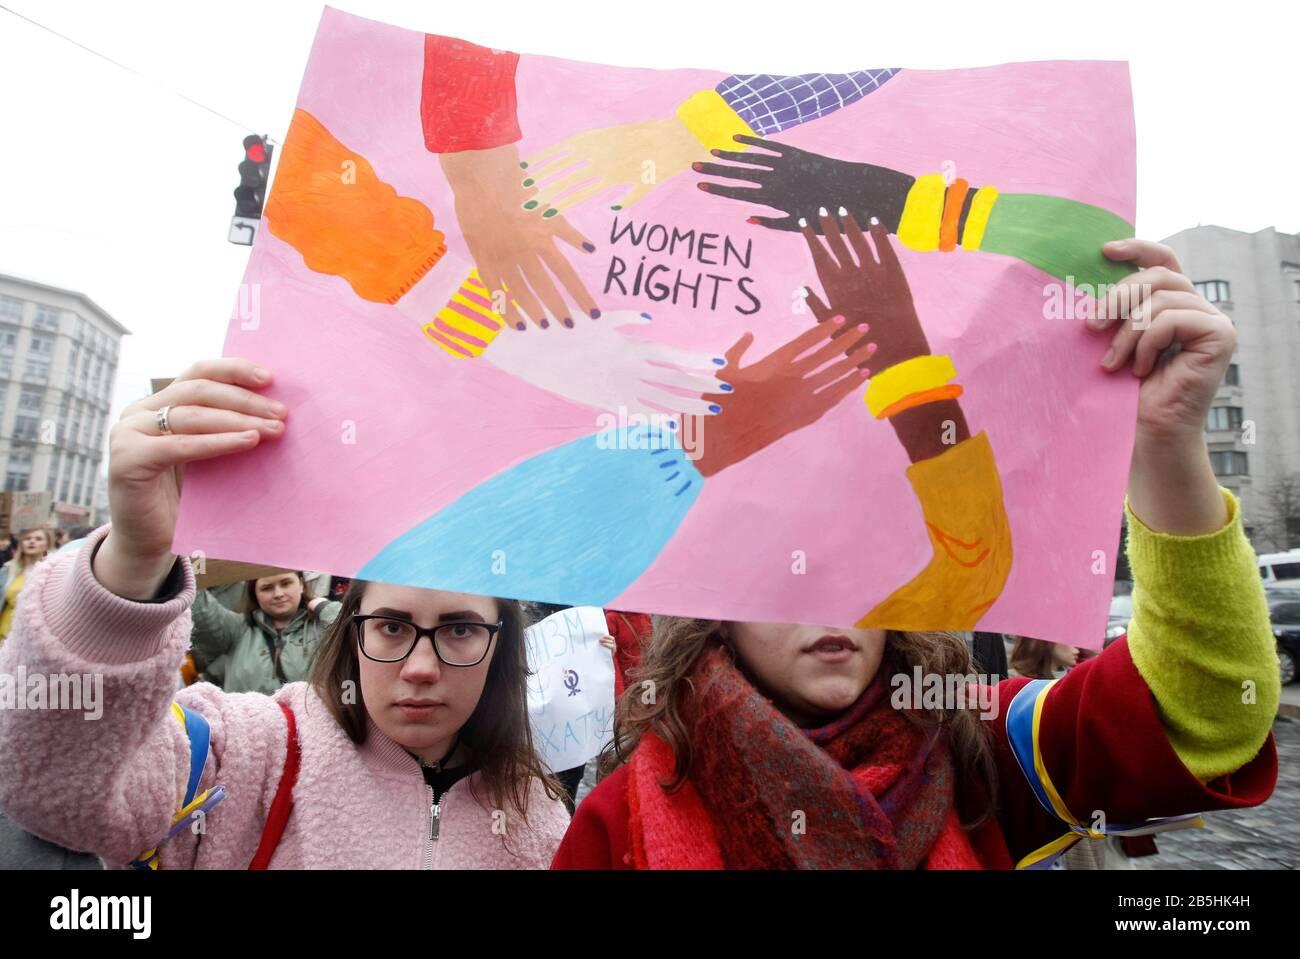 Mujeres que sostenían un cartel durante la marcha. Bajo el lema la igualdad es un valor tradicional, feministas, personas LGBTQ y activistas de derechos humanos participaron en la marcha de las mujeres exigiendo ratificar la Convención del Consejo de Europa sobre la prevención y la lucha contra la violencia contra las mujeres y la violencia doméstica, también conocida como la Convención de Estambul. Foto de stock